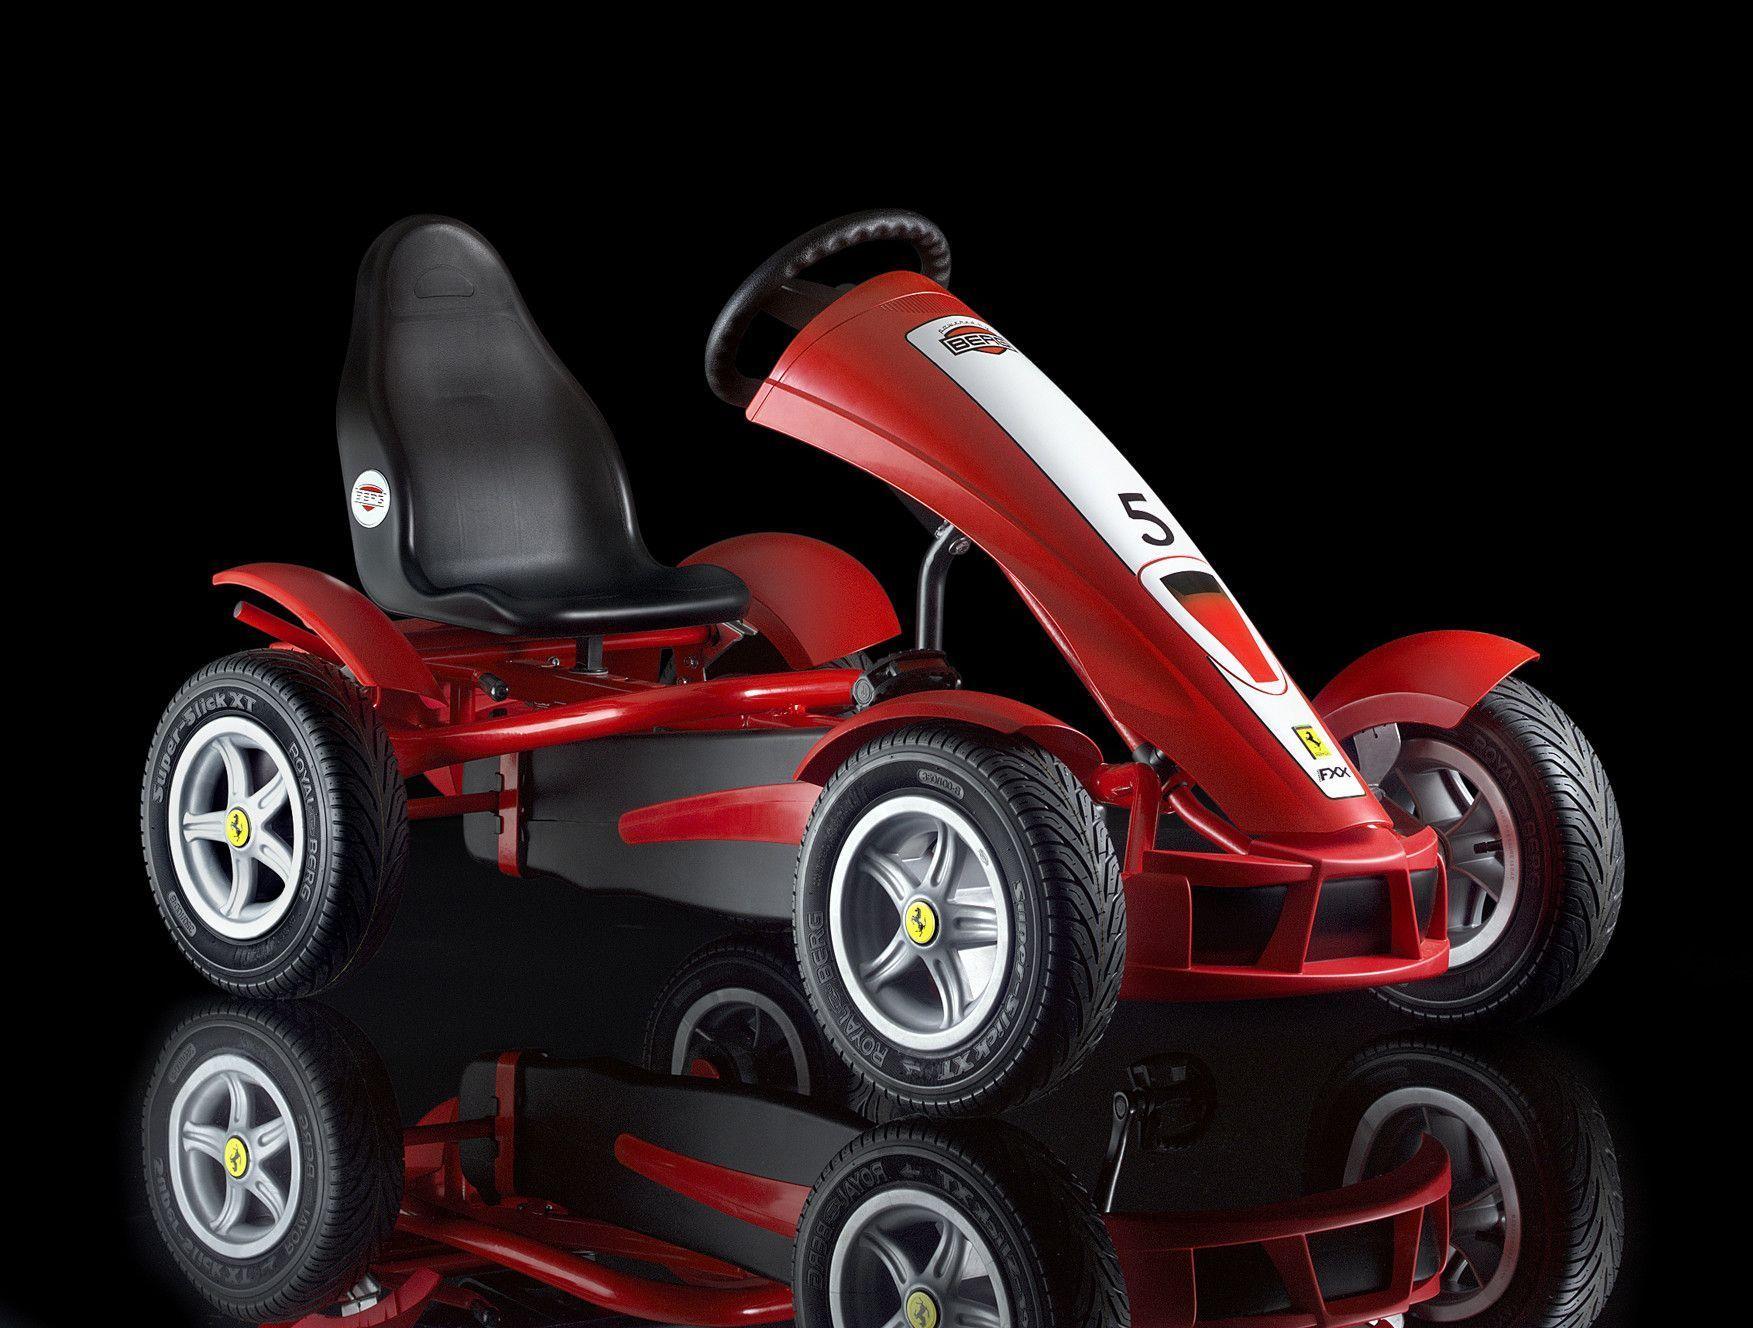 Berg Toys Ferrari FXX Racer Pedal Go Kart & Reviews | Wayfair #ferrarifxx Berg Toys Ferrari FXX Racer Pedal Go Kart & Reviews | Wayfair #ferrarifxx Berg Toys Ferrari FXX Racer Pedal Go Kart & Reviews | Wayfair #ferrarifxx Berg Toys Ferrari FXX Racer Pedal Go Kart & Reviews | Wayfair #ferrarifxx